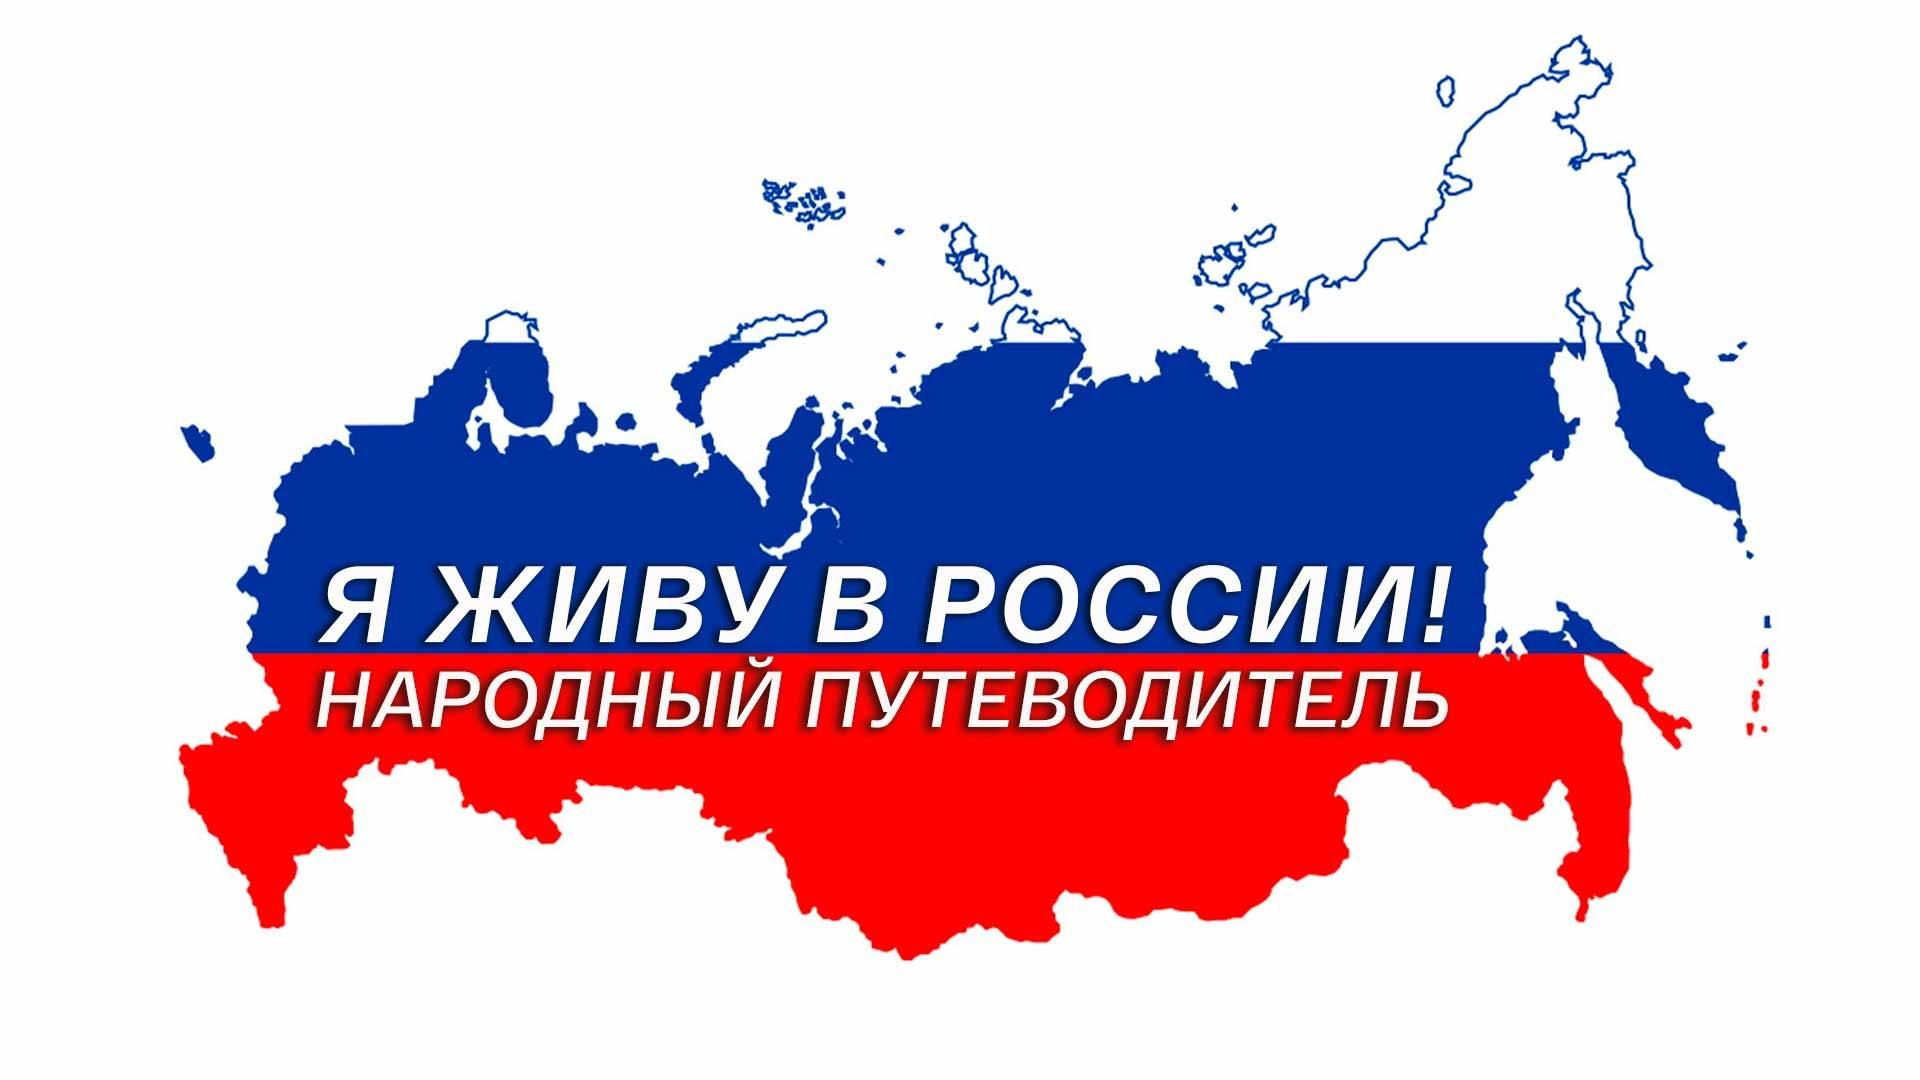 Я живу в России! Народный путеводитель